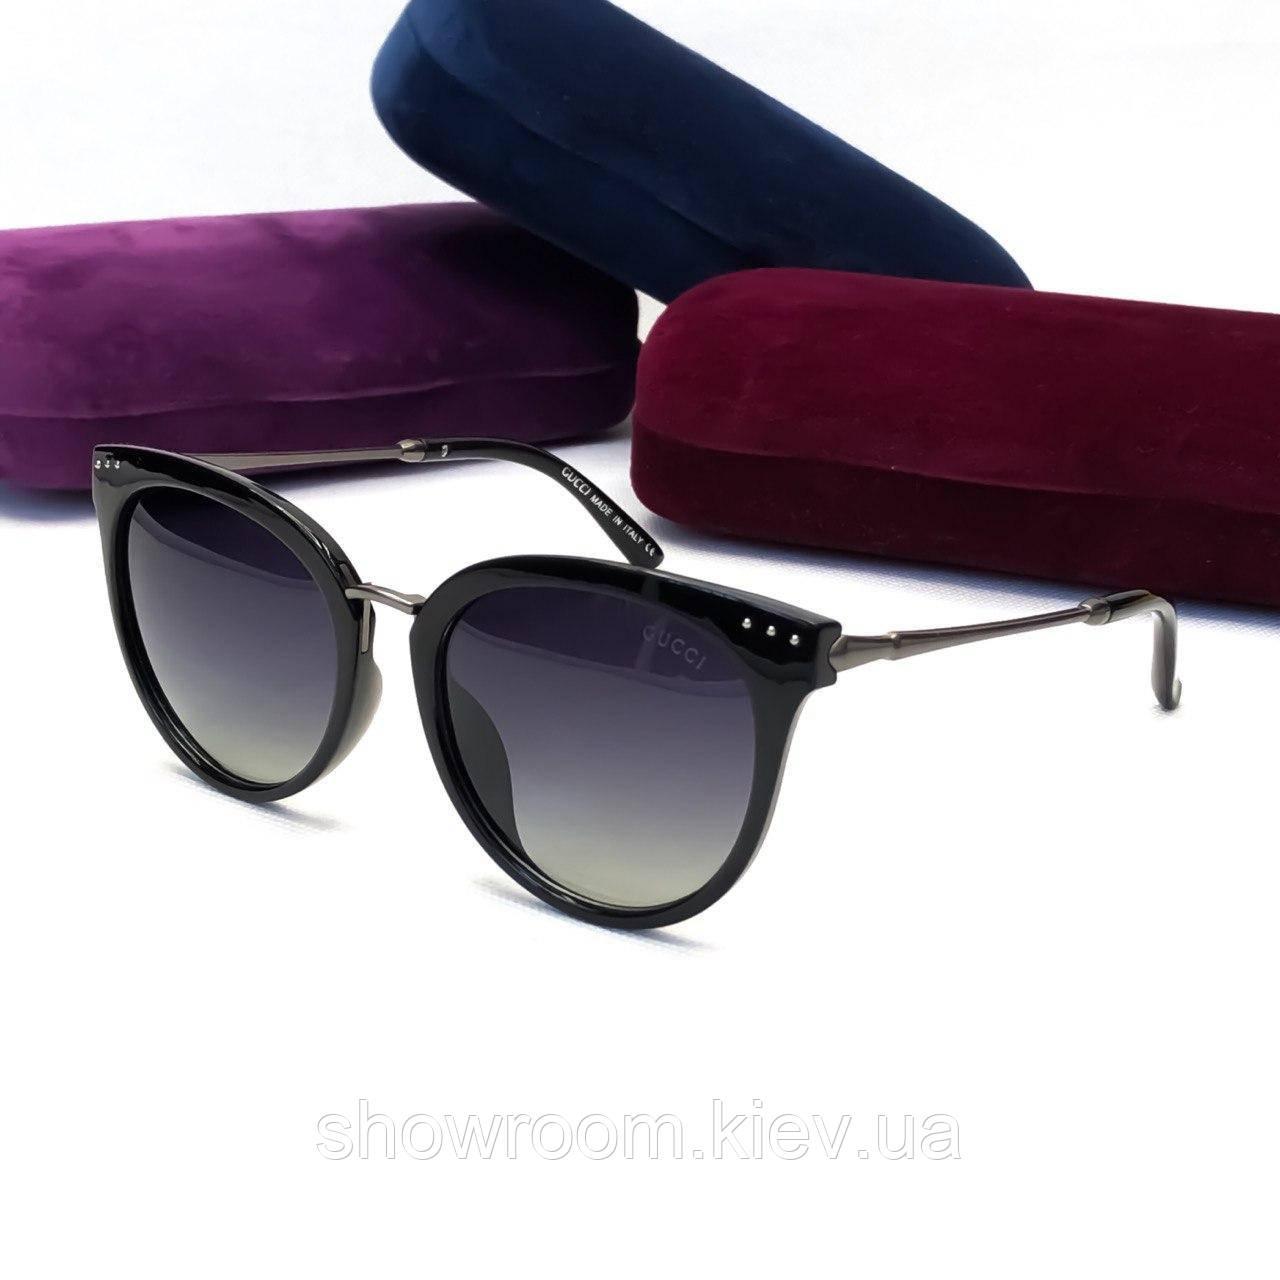 Женские солнцезащитные очки в стиле Gucci (8800) black